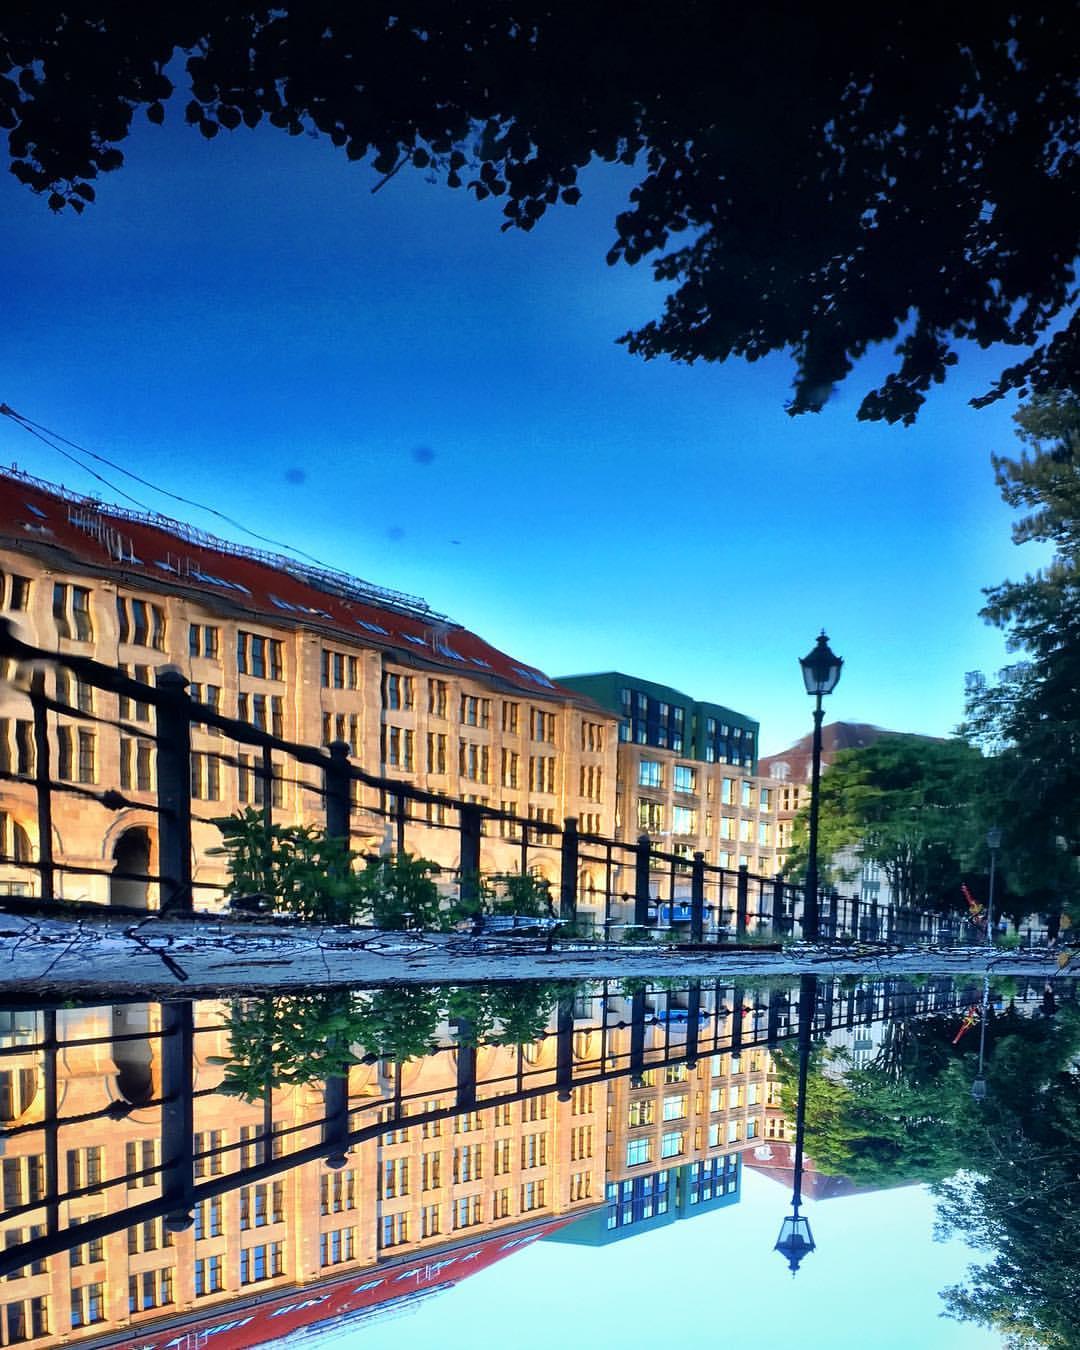 #paracegover Descrição para deficientes visuais: a imagem mostra o casario às margens de um canal do rio Spree refletido numa poça d'água. O dia promete. — at Historischer Hafen Berlin.